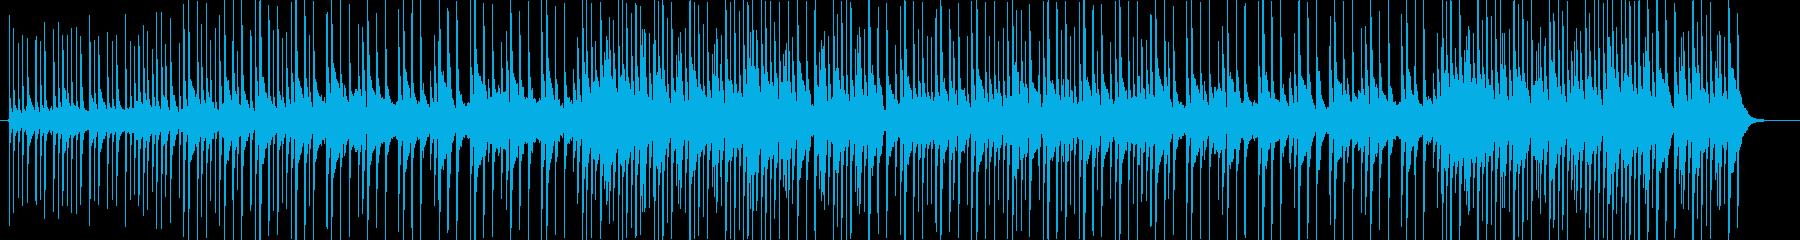 和風_BGMの再生済みの波形